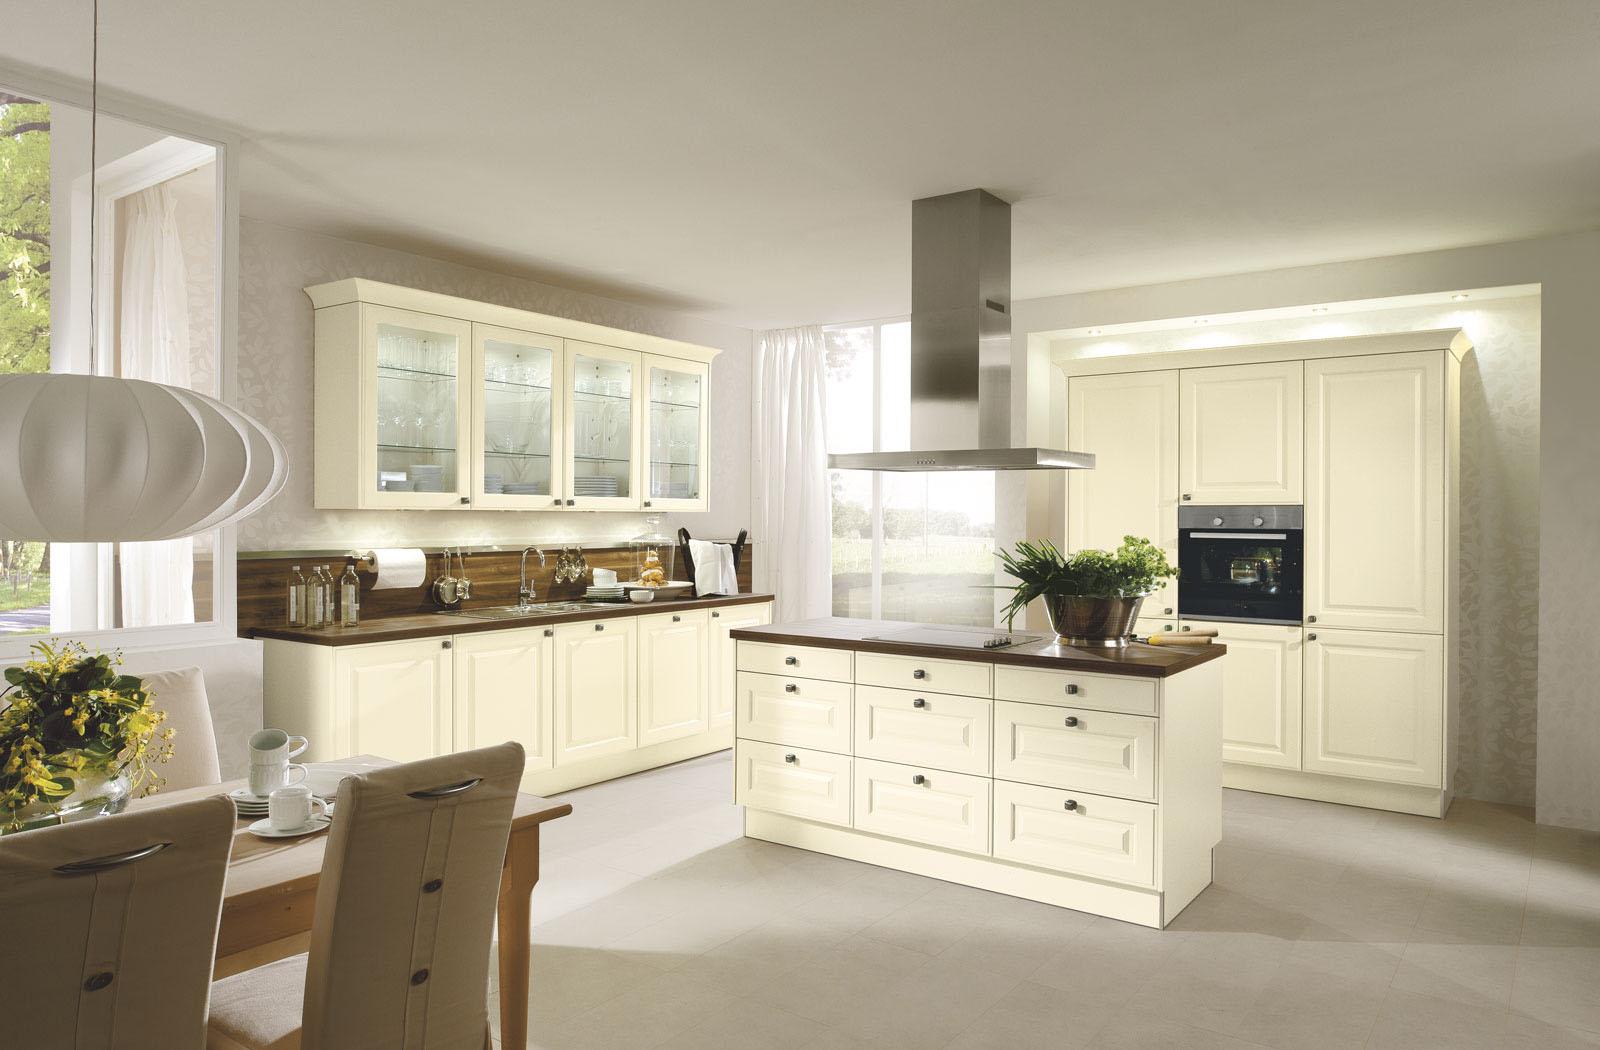 Häcker Küchen - erfüllen die höchsten Ansprüche an Qualität ... | {Häcker küchen 29}